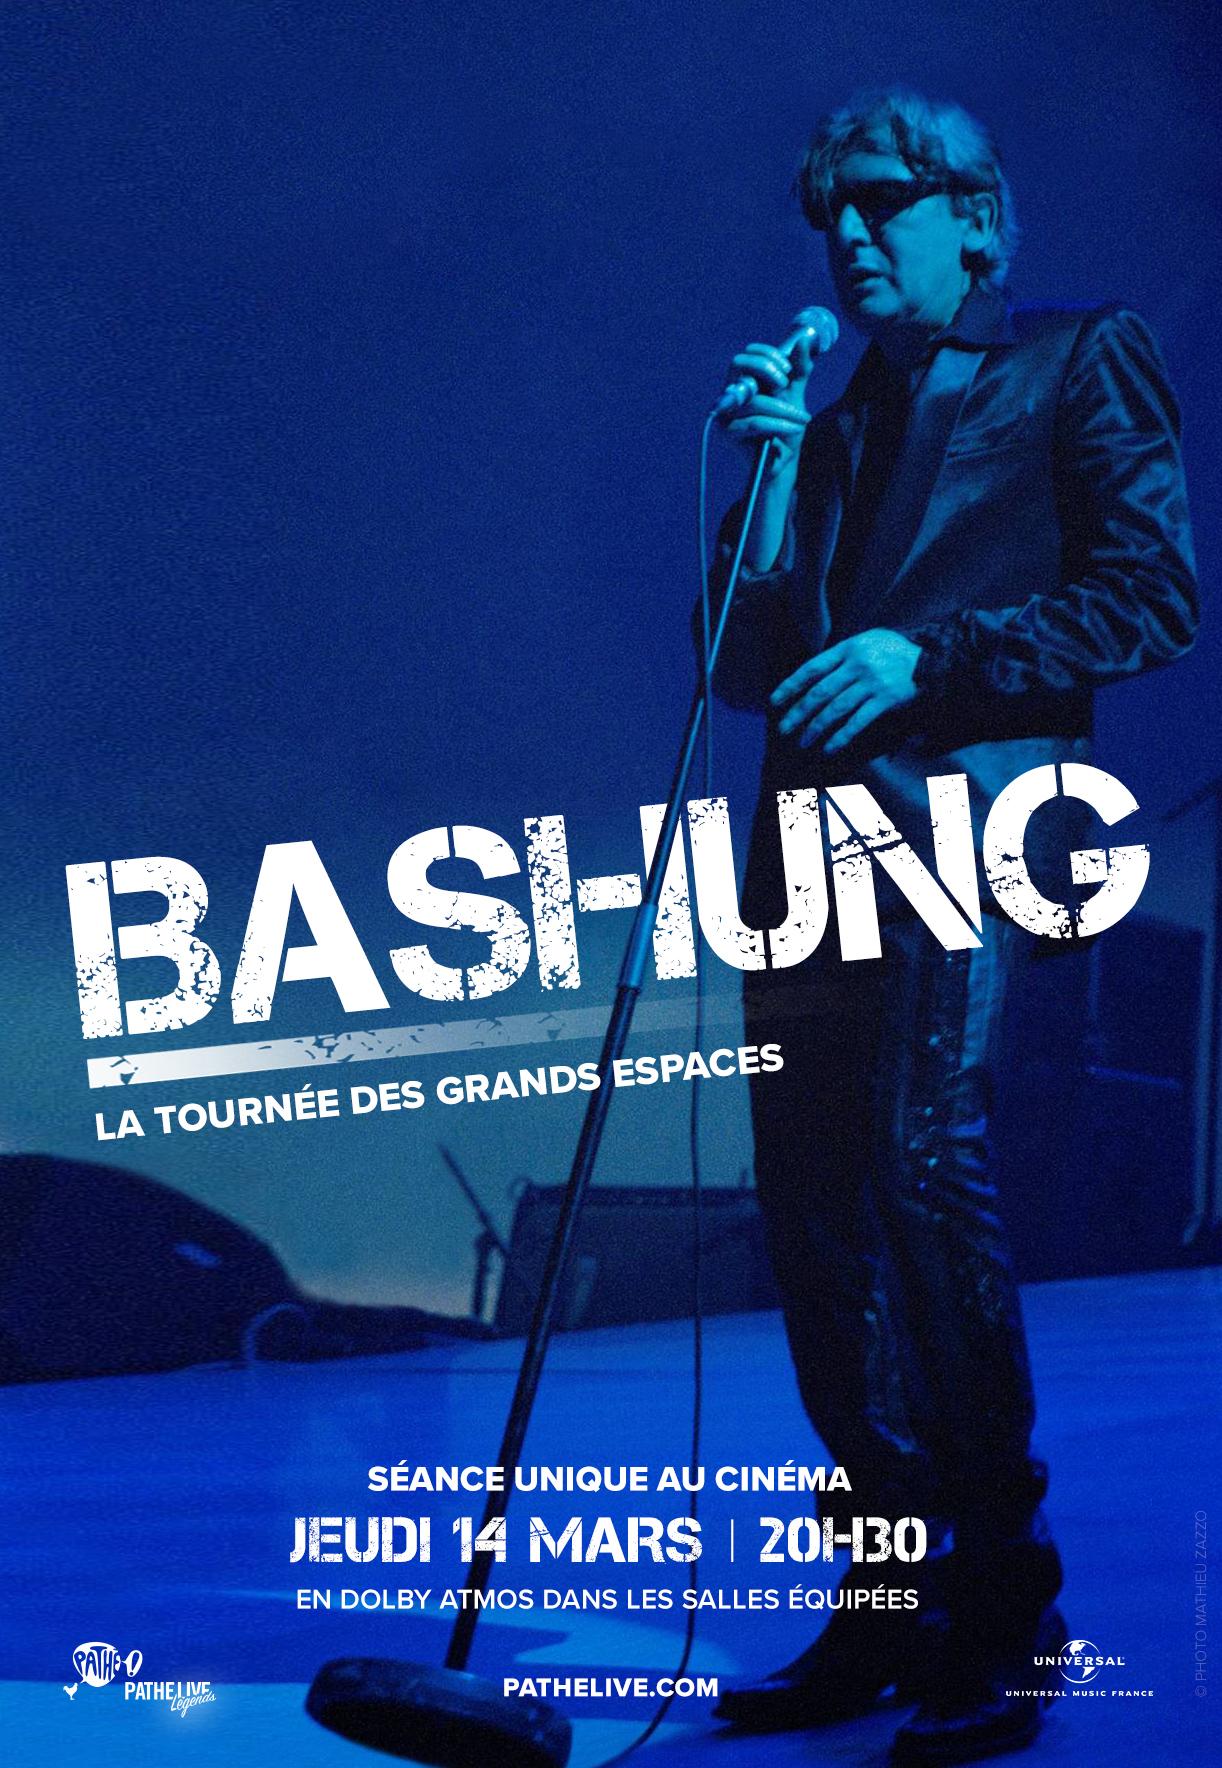 Image du film Bashung au cinéma - La tournée des grands espaces (Pathé Live)